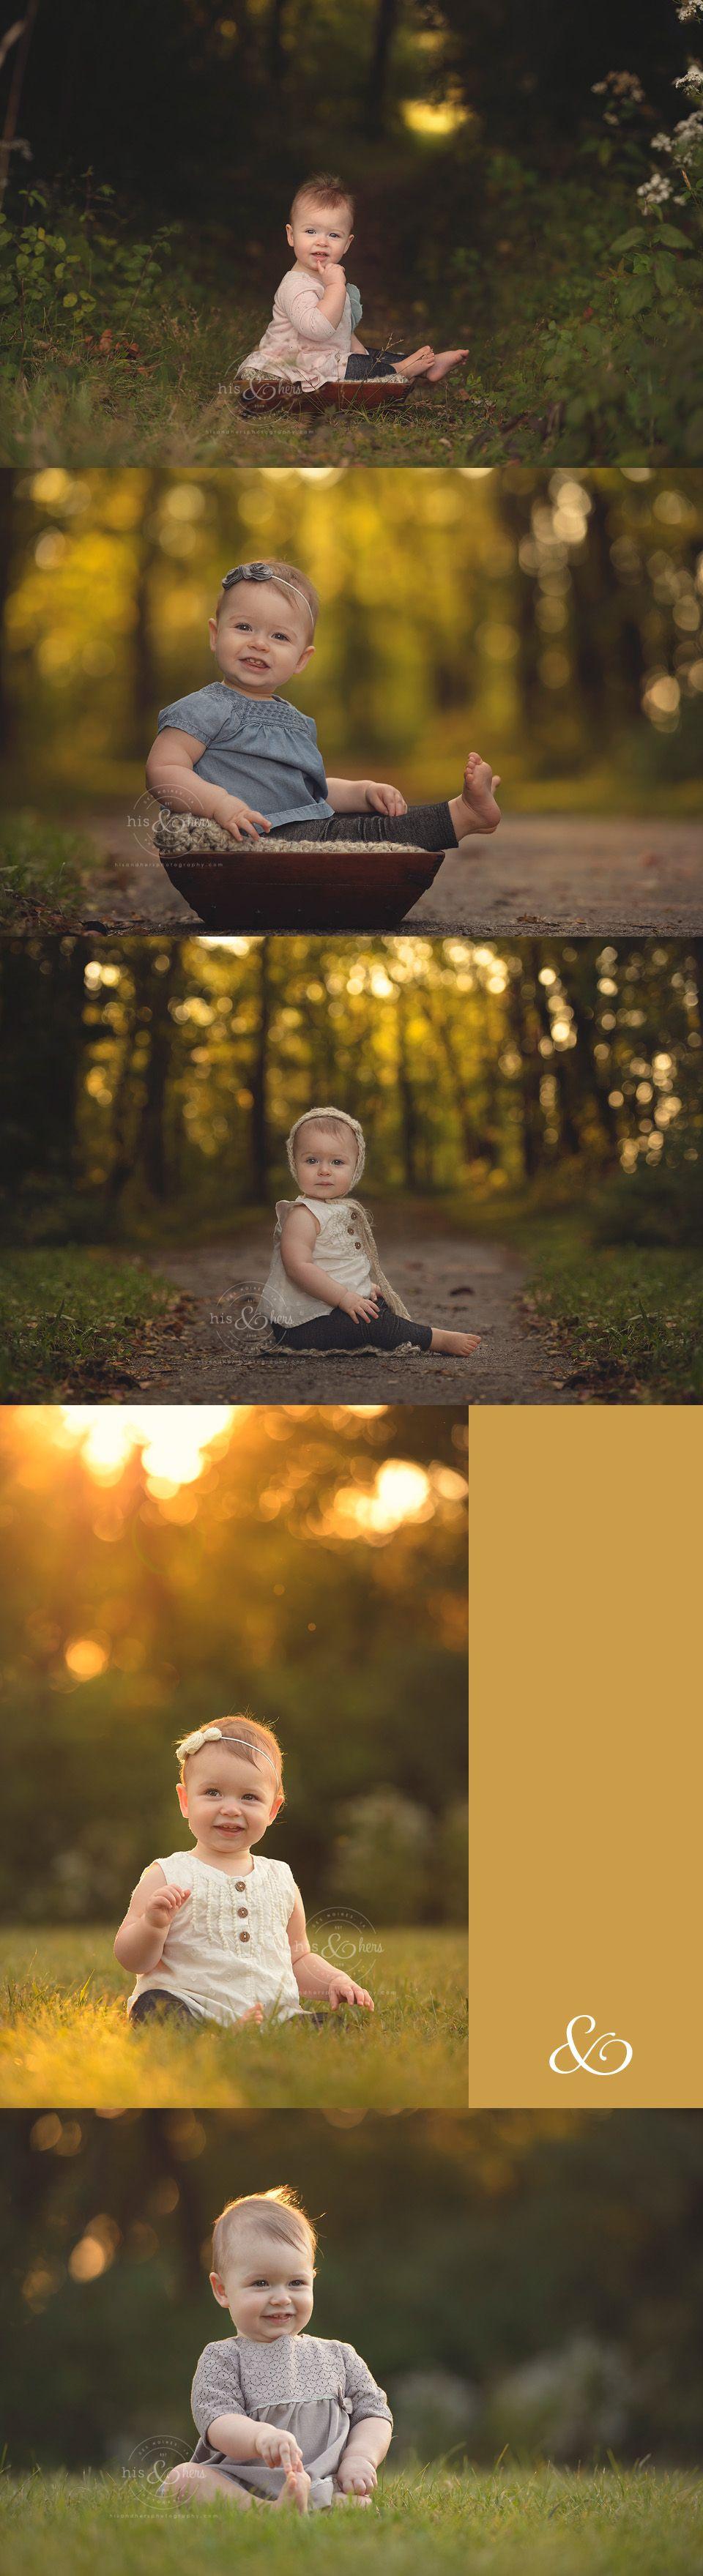 des moines iowa baby photographer, des moines baby pictures, photographer des moines iowa 1 year old 9 10 months